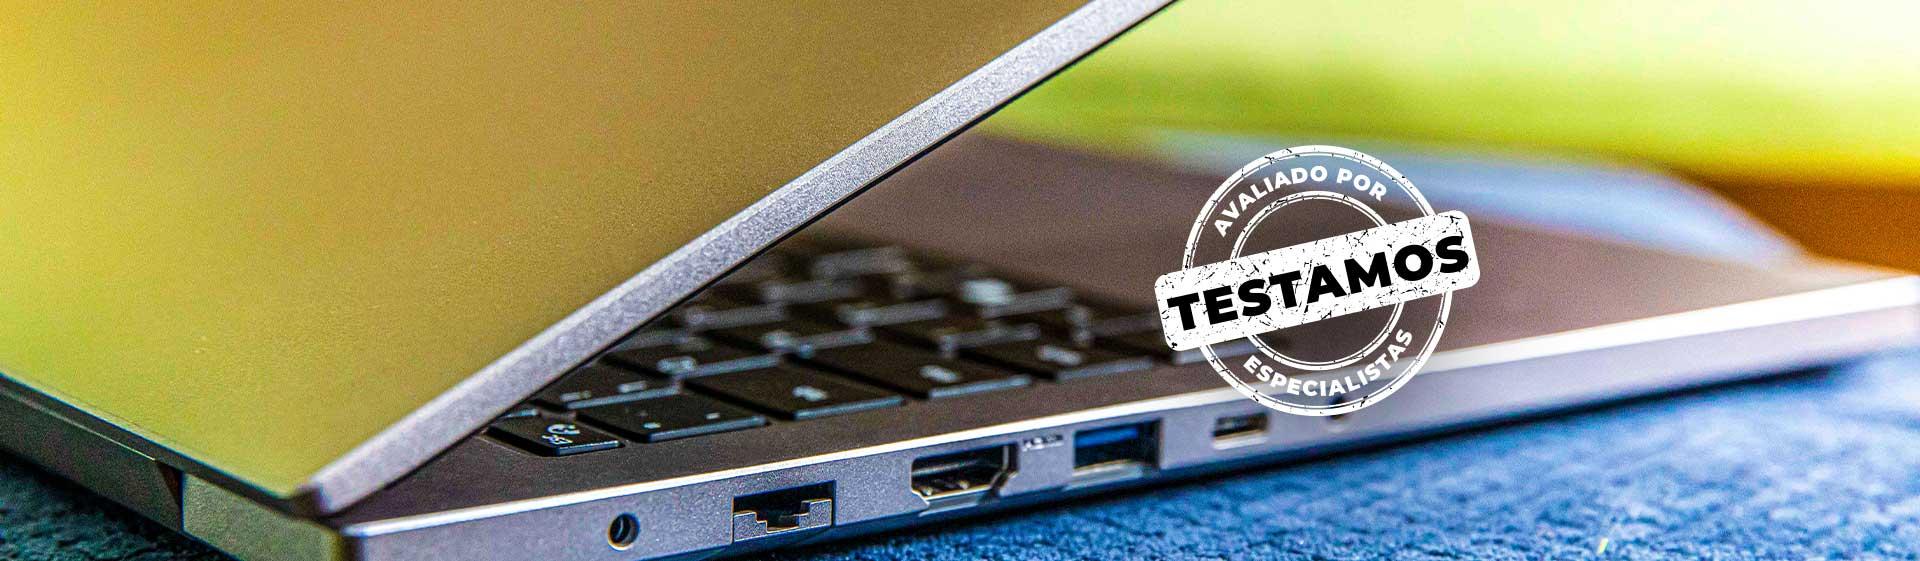 Samsung Book E30: muito conforto para trabalhar em um notebook básico